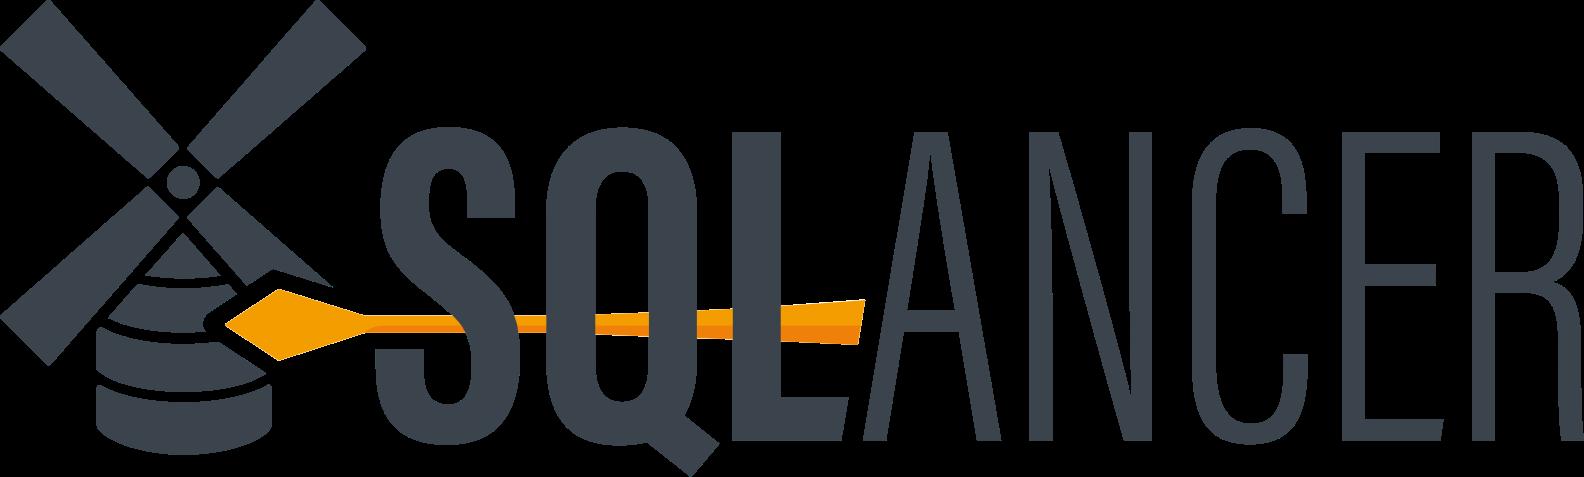 SQLancer